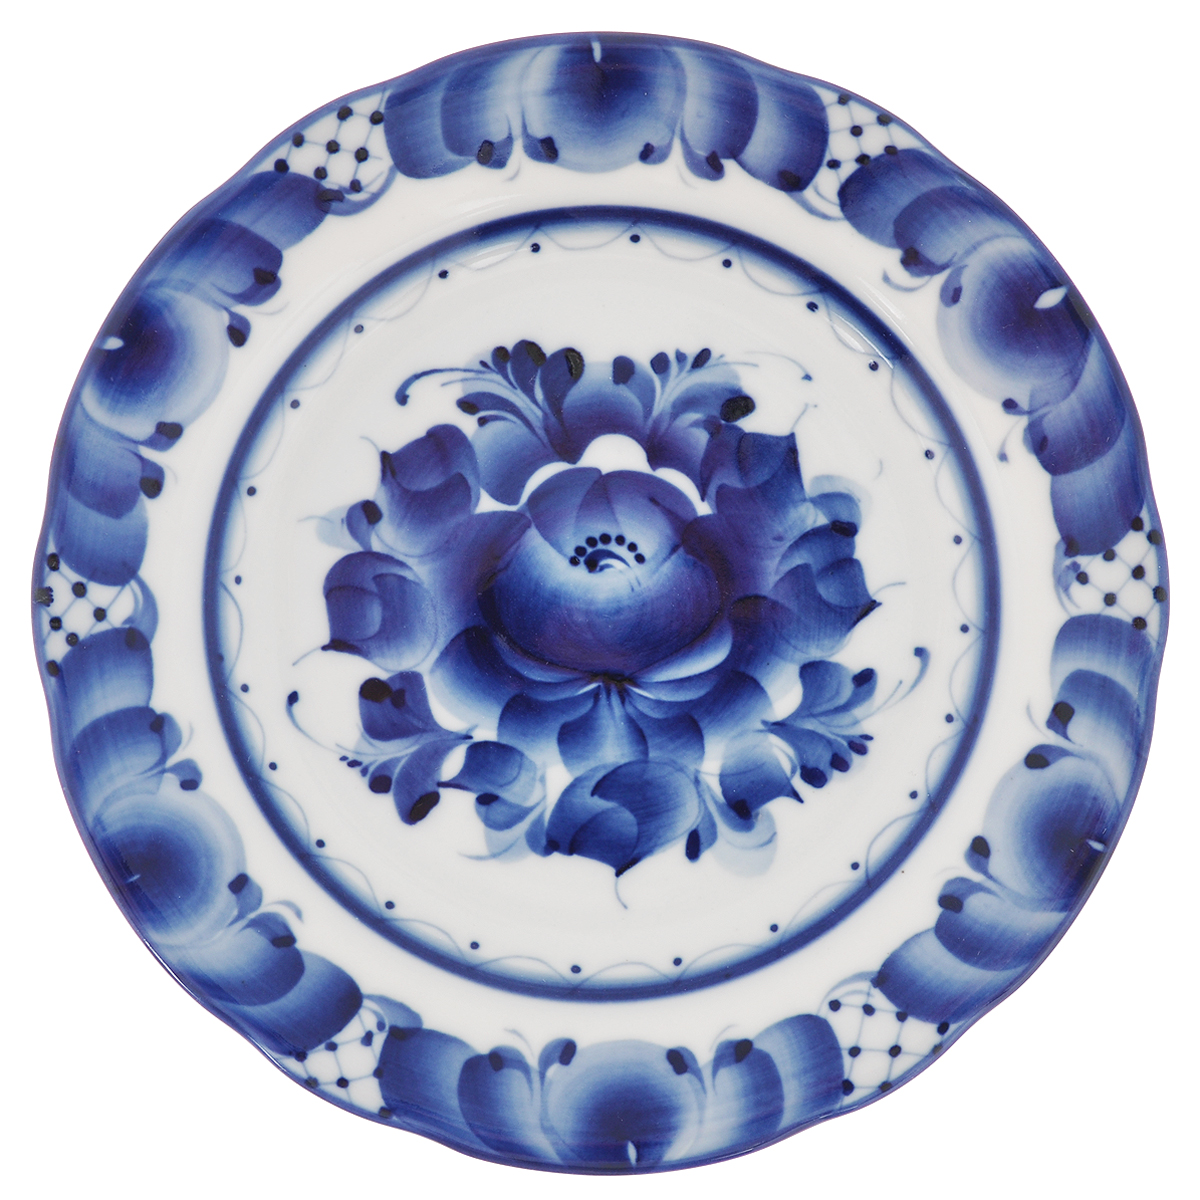 Тарелка для пирожков Дубок, диаметр 17,5 см54 009312Тарелка для пирожков Дубок, изготовленная из высококачественной керамики, предназначена для красивой сервировки стола. Тарелка оформлена оригинальной гжельской росписью. Прекрасный дизайн изделия идеально подойдет для сервировки стола.Обращаем ваше внимание, что роспись на изделиях сделана вручную. Рисунок может немного отличаться от изображения на фотографии. Диаметр: 17,5 см. Высота тарелки: 2 см.